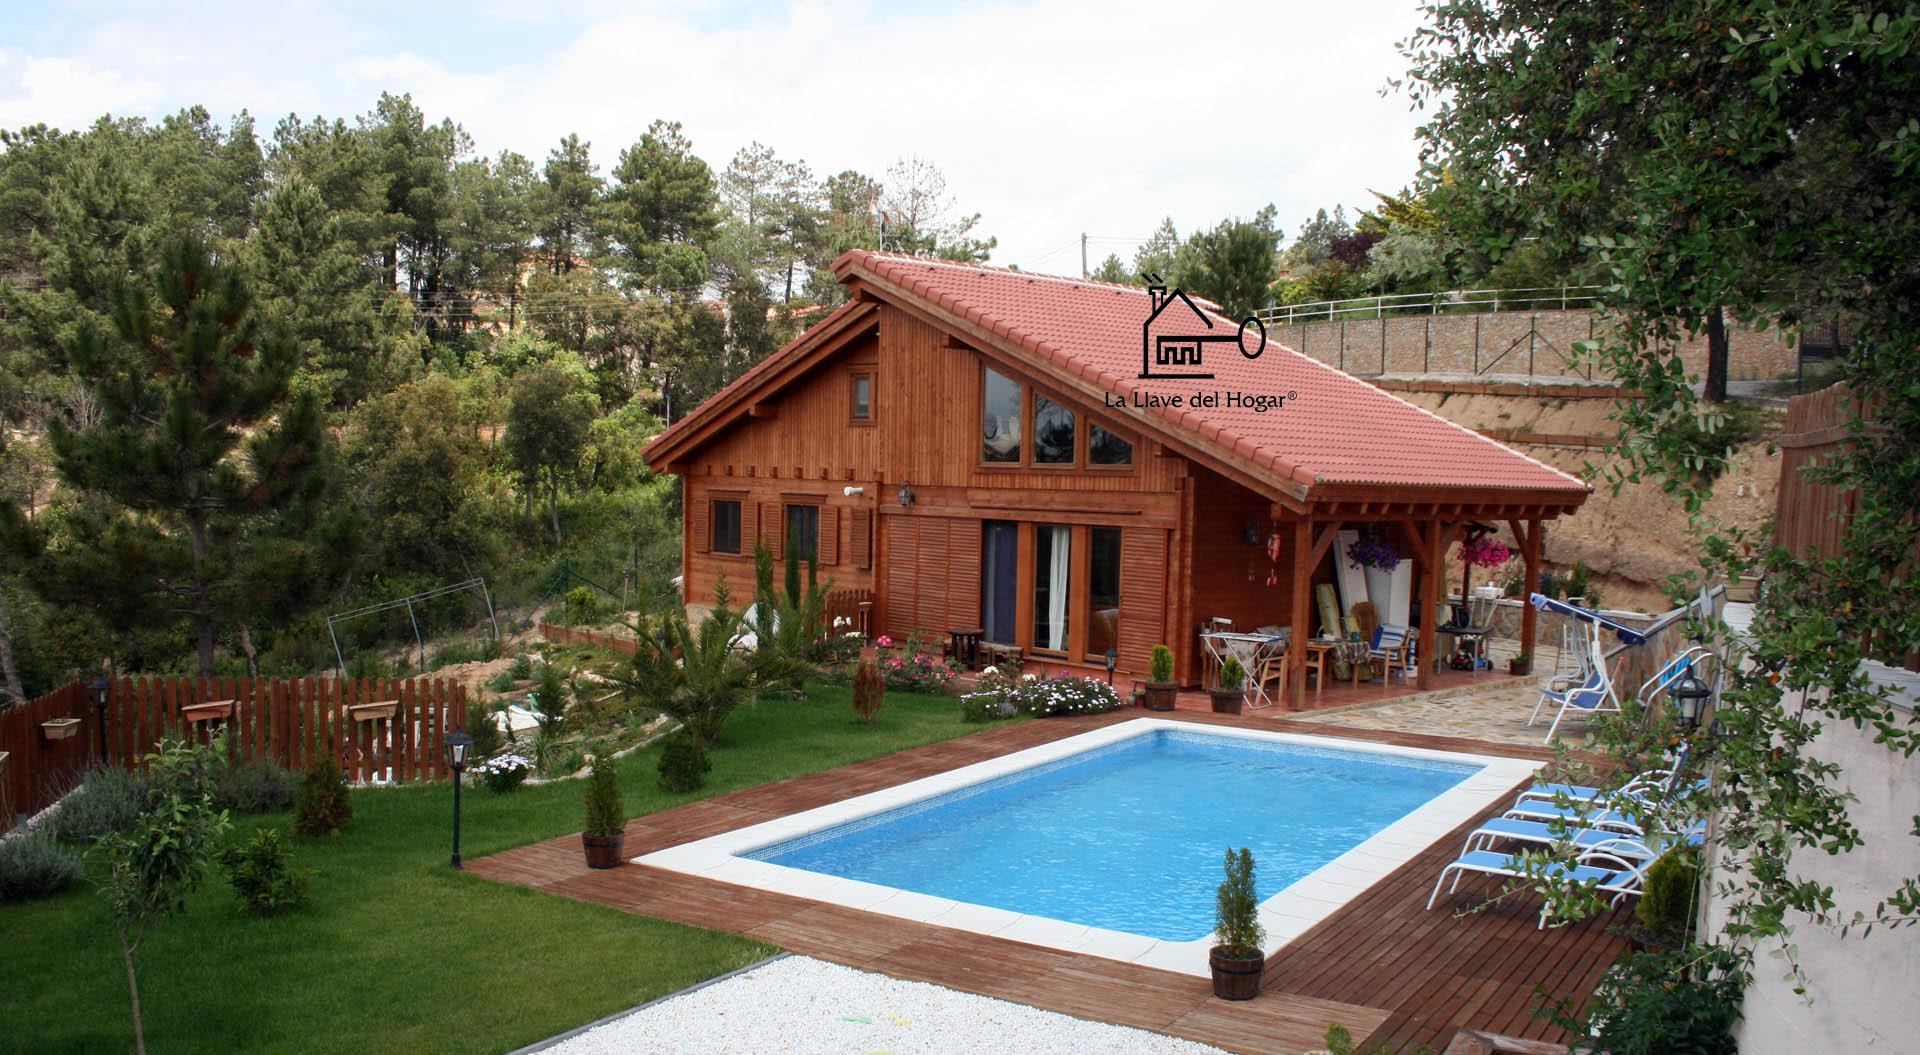 Urbi n 175m casas de madera la llave del hogar - Casa de madera ...